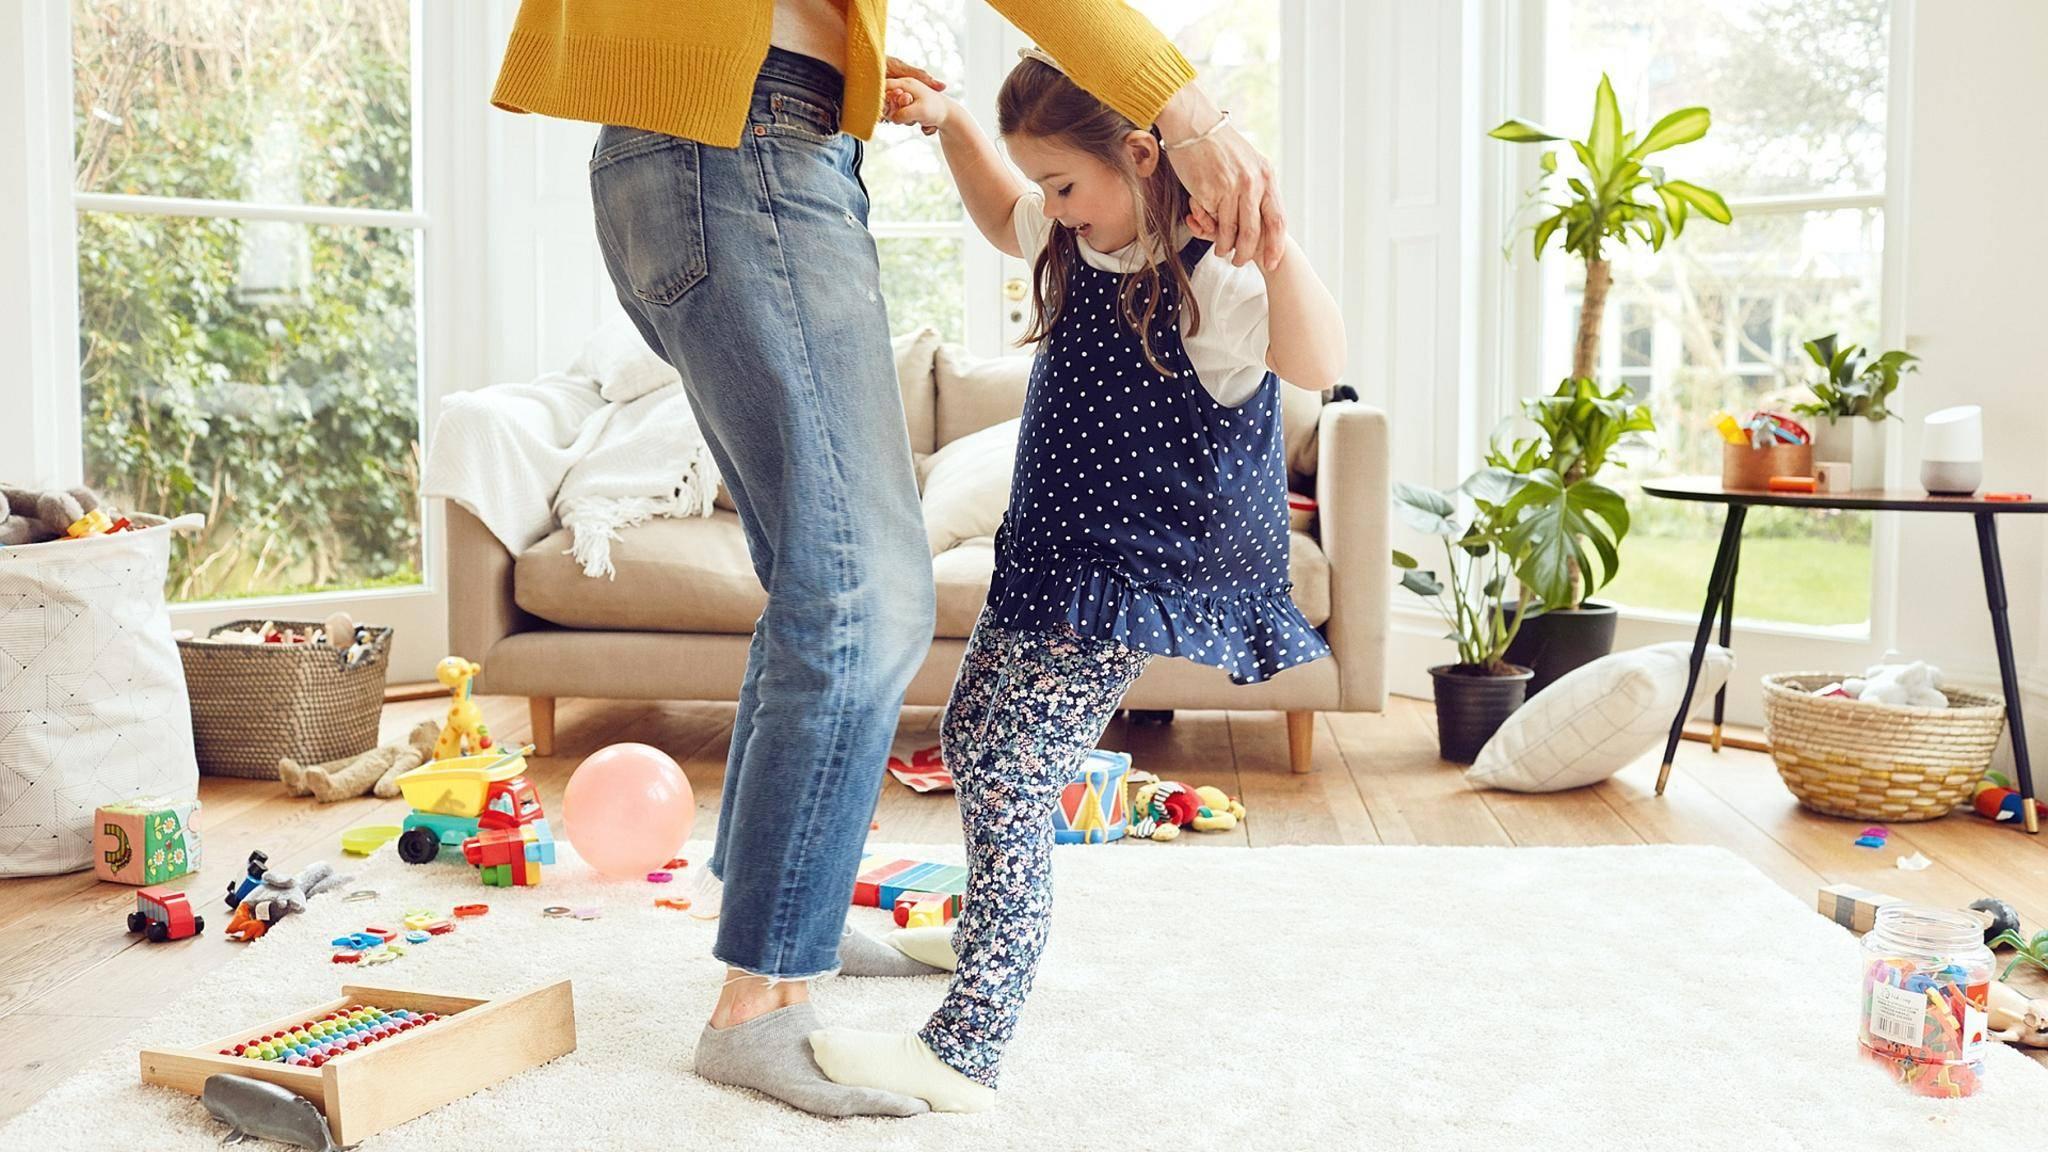 google home kompatible ger te diese smart home ger te. Black Bedroom Furniture Sets. Home Design Ideas